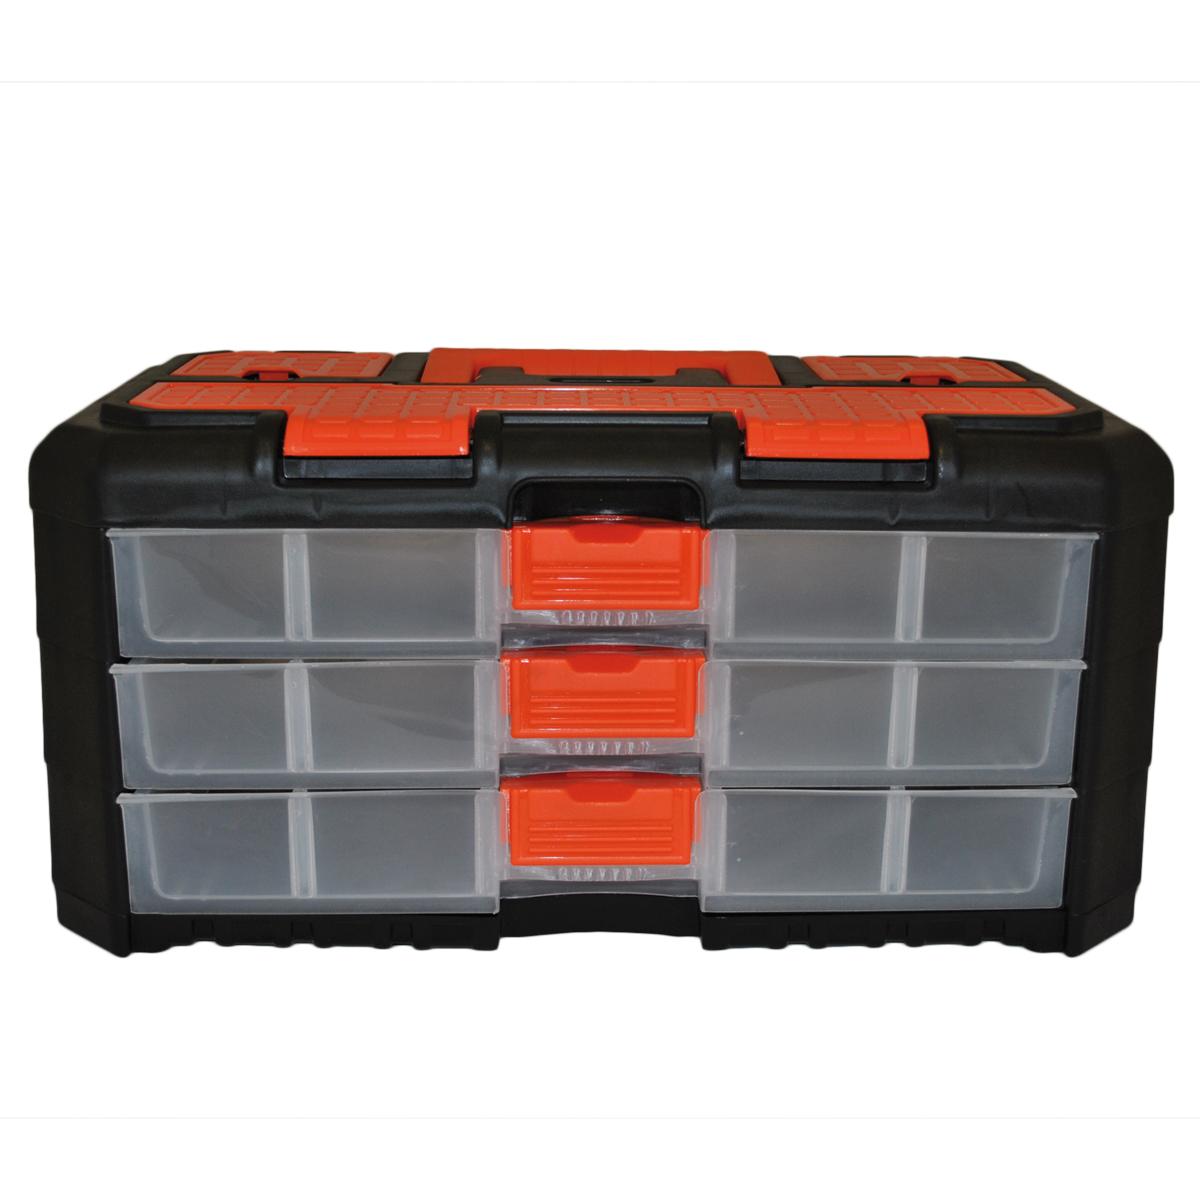 Органайзер для мелочей Blocker Grand, цвет: черный, оранжевый, 400 х 219 х 197 мм98298123_черныйУниверсальный сет для мелочей Blocker Grand с ручкой для переноски выполнен из высококачественного полипропилена. Секции фиксируются замками, которые надежно защищают от случайного открывания. Внутри секции разделены съемными перегородками, что позволяет организовать внутреннее пространство в зависимости от потребностей и делает сет пригодным для хранения не только мелочей, но и предметов средней величины. Встроенные секции на крышке подходят для хранения скобяных изделий.